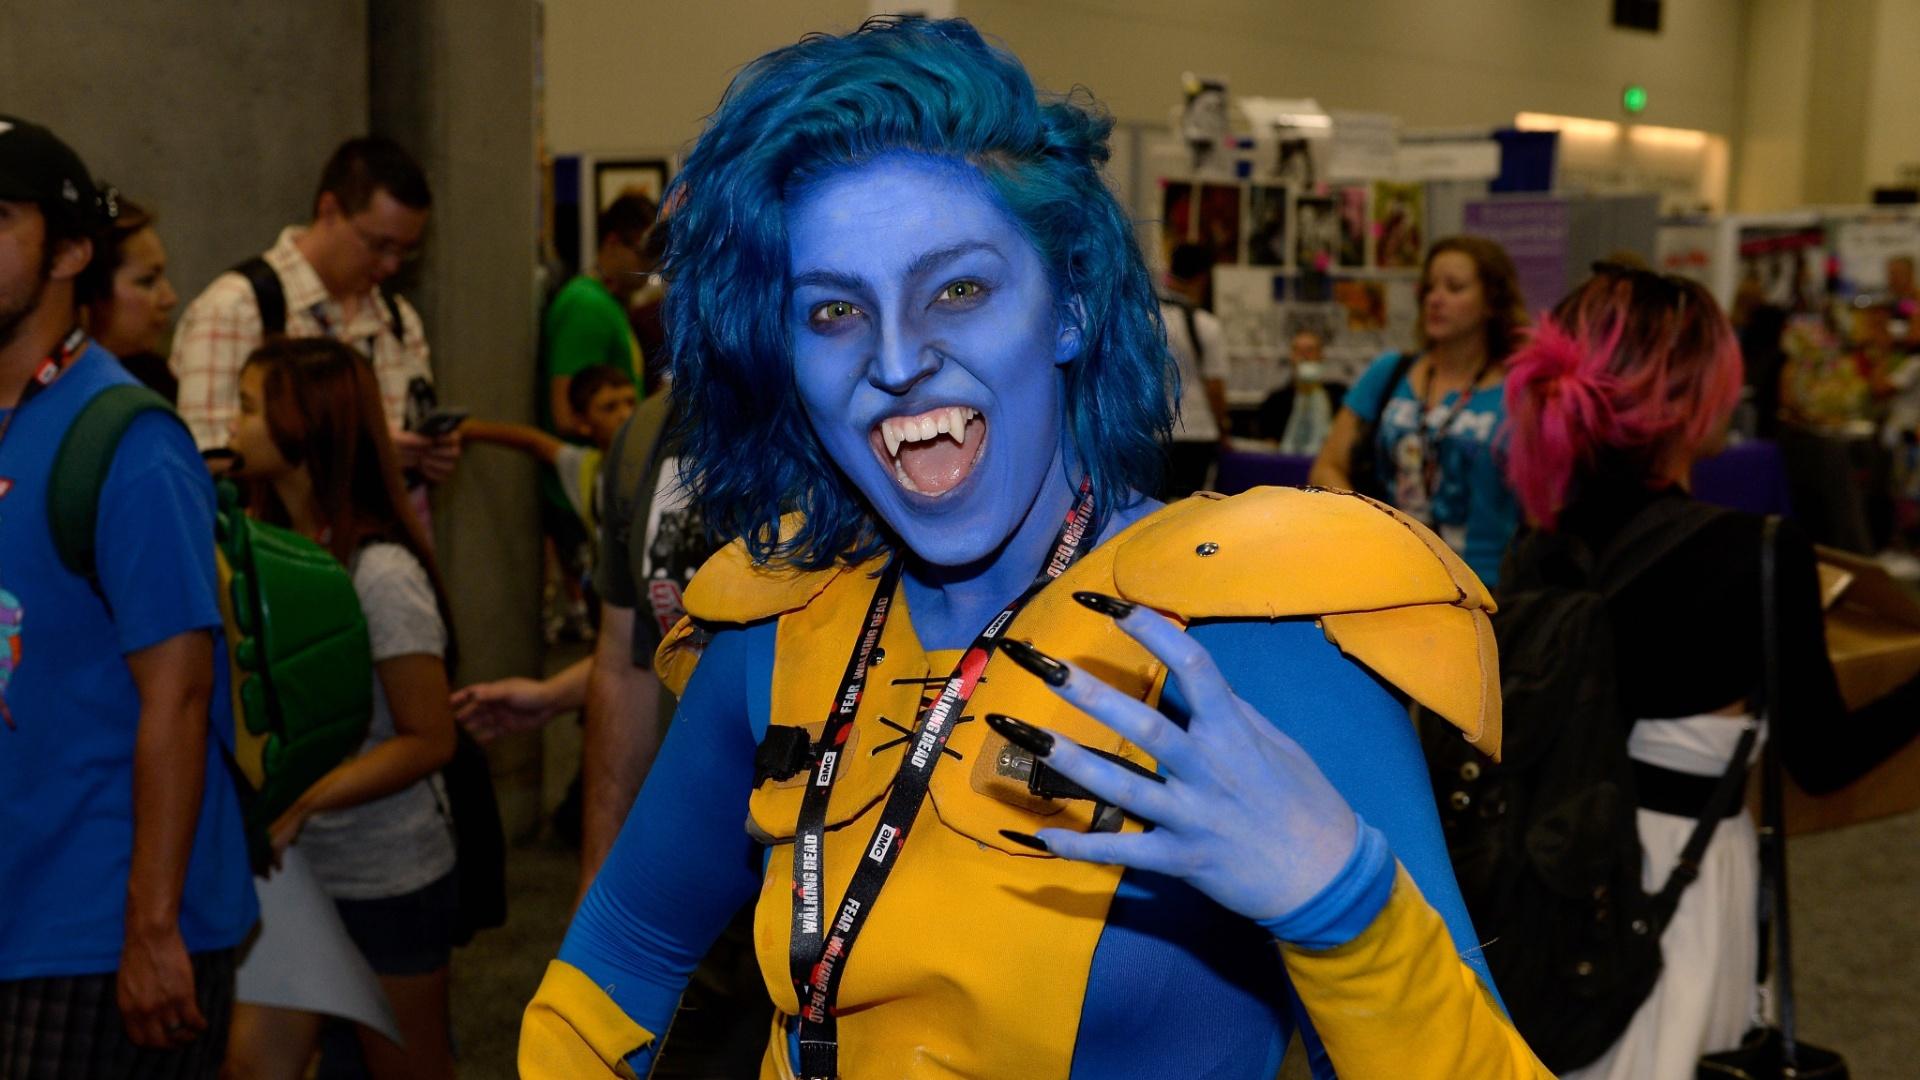 23.jul.2016 - Como seria a versão feminina de Fera, dos X-Men? Essa cosplayer mostrou uma versão animal do personagem